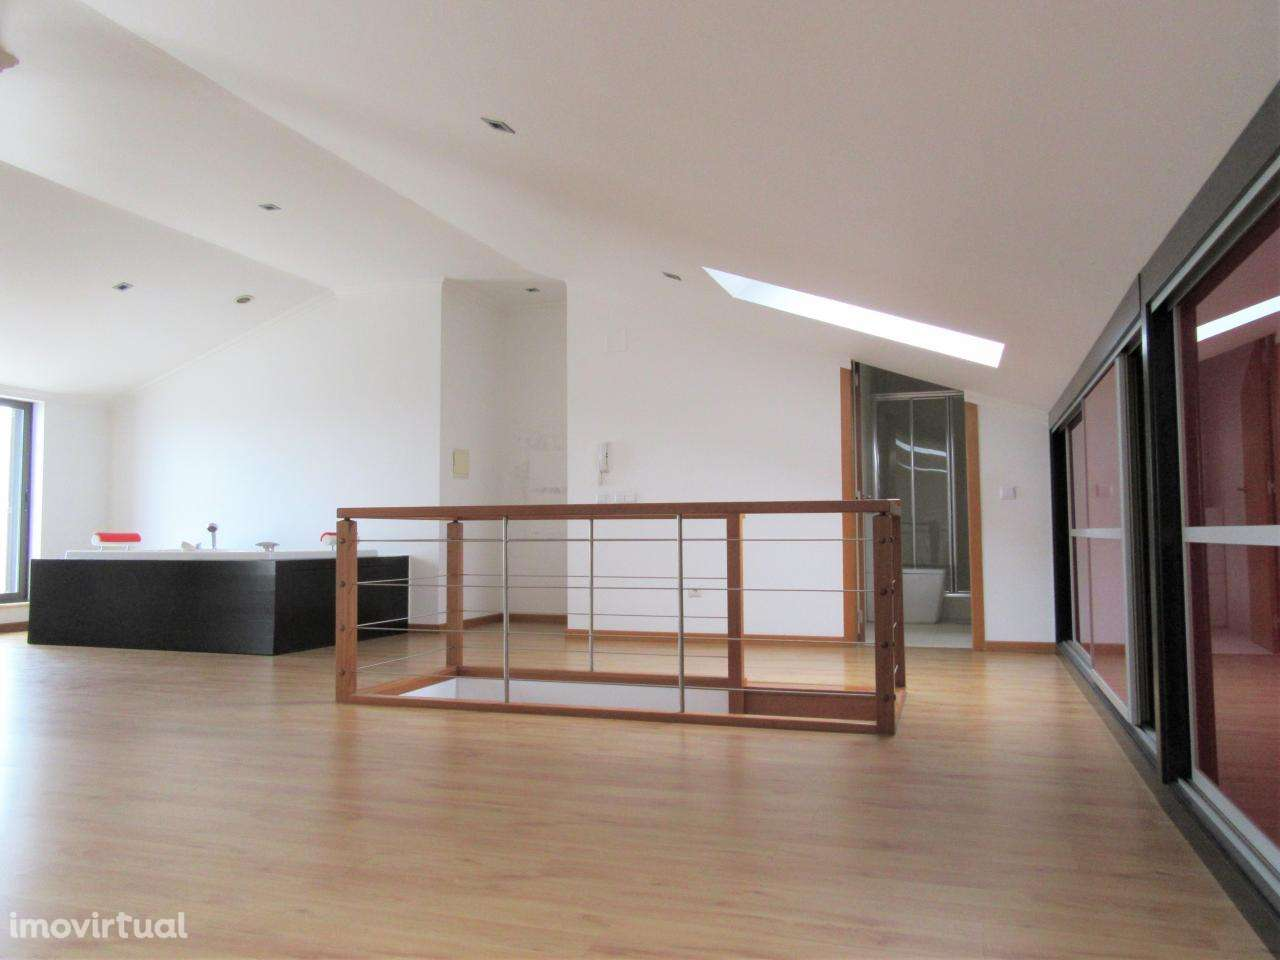 Apartamento para comprar, Leiria, Pousos, Barreira e Cortes, Leiria - Foto 24